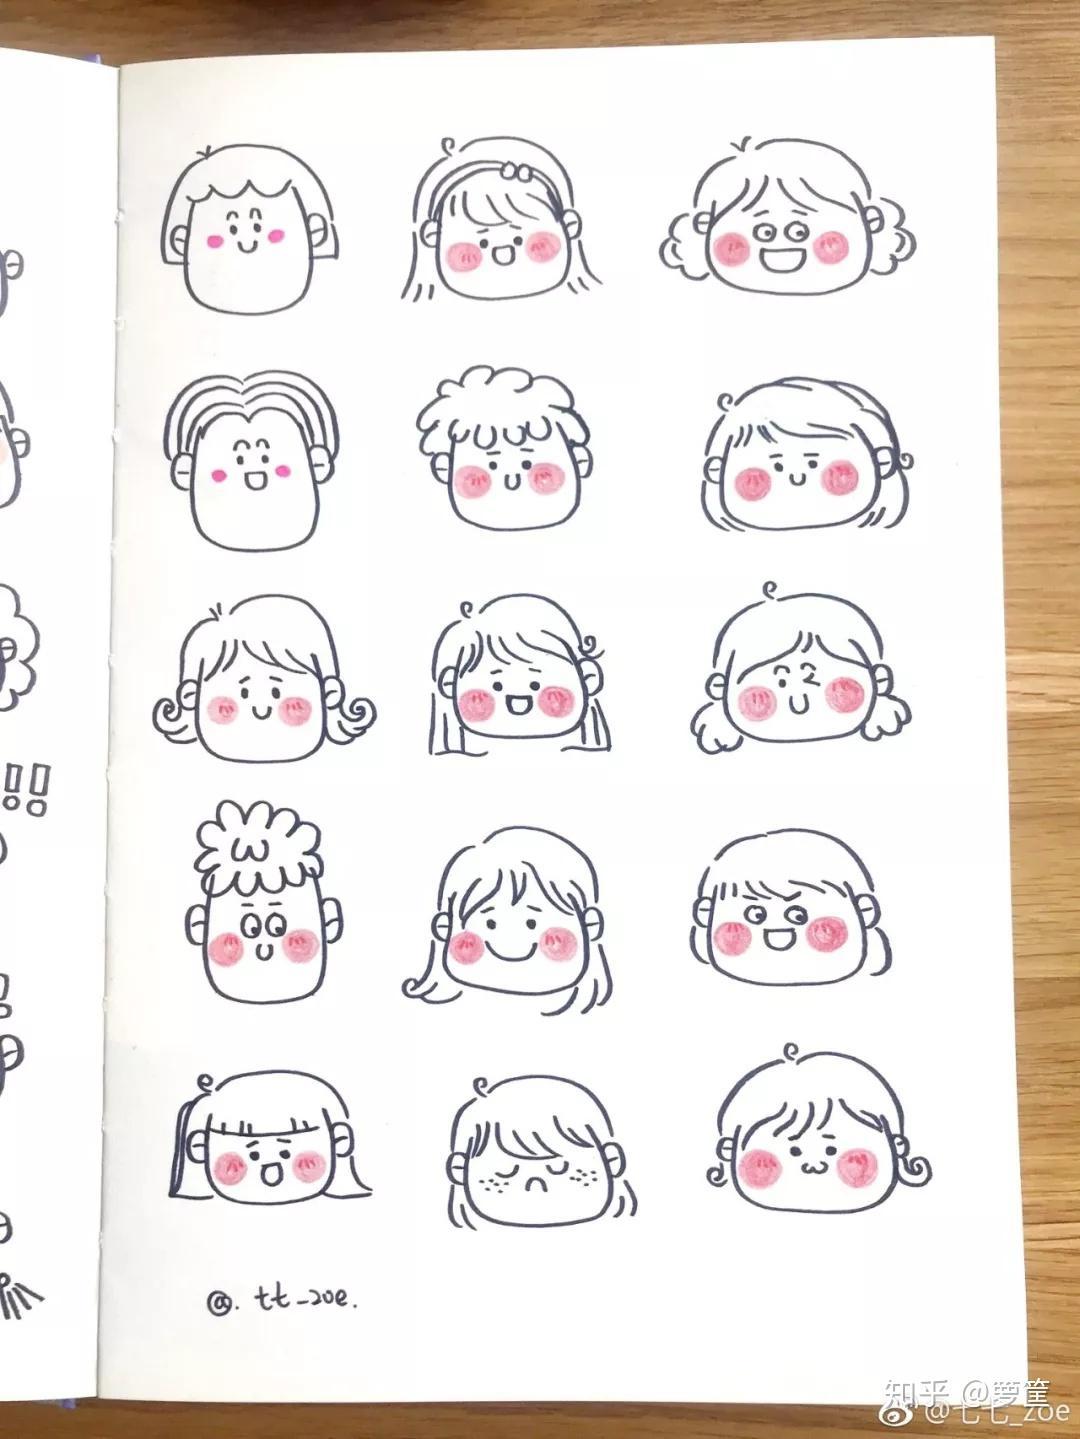 搞笑段子大全_简笔画 | 各种萌萌哒简笔画小头像,画法简单实用,适合零基础 ...